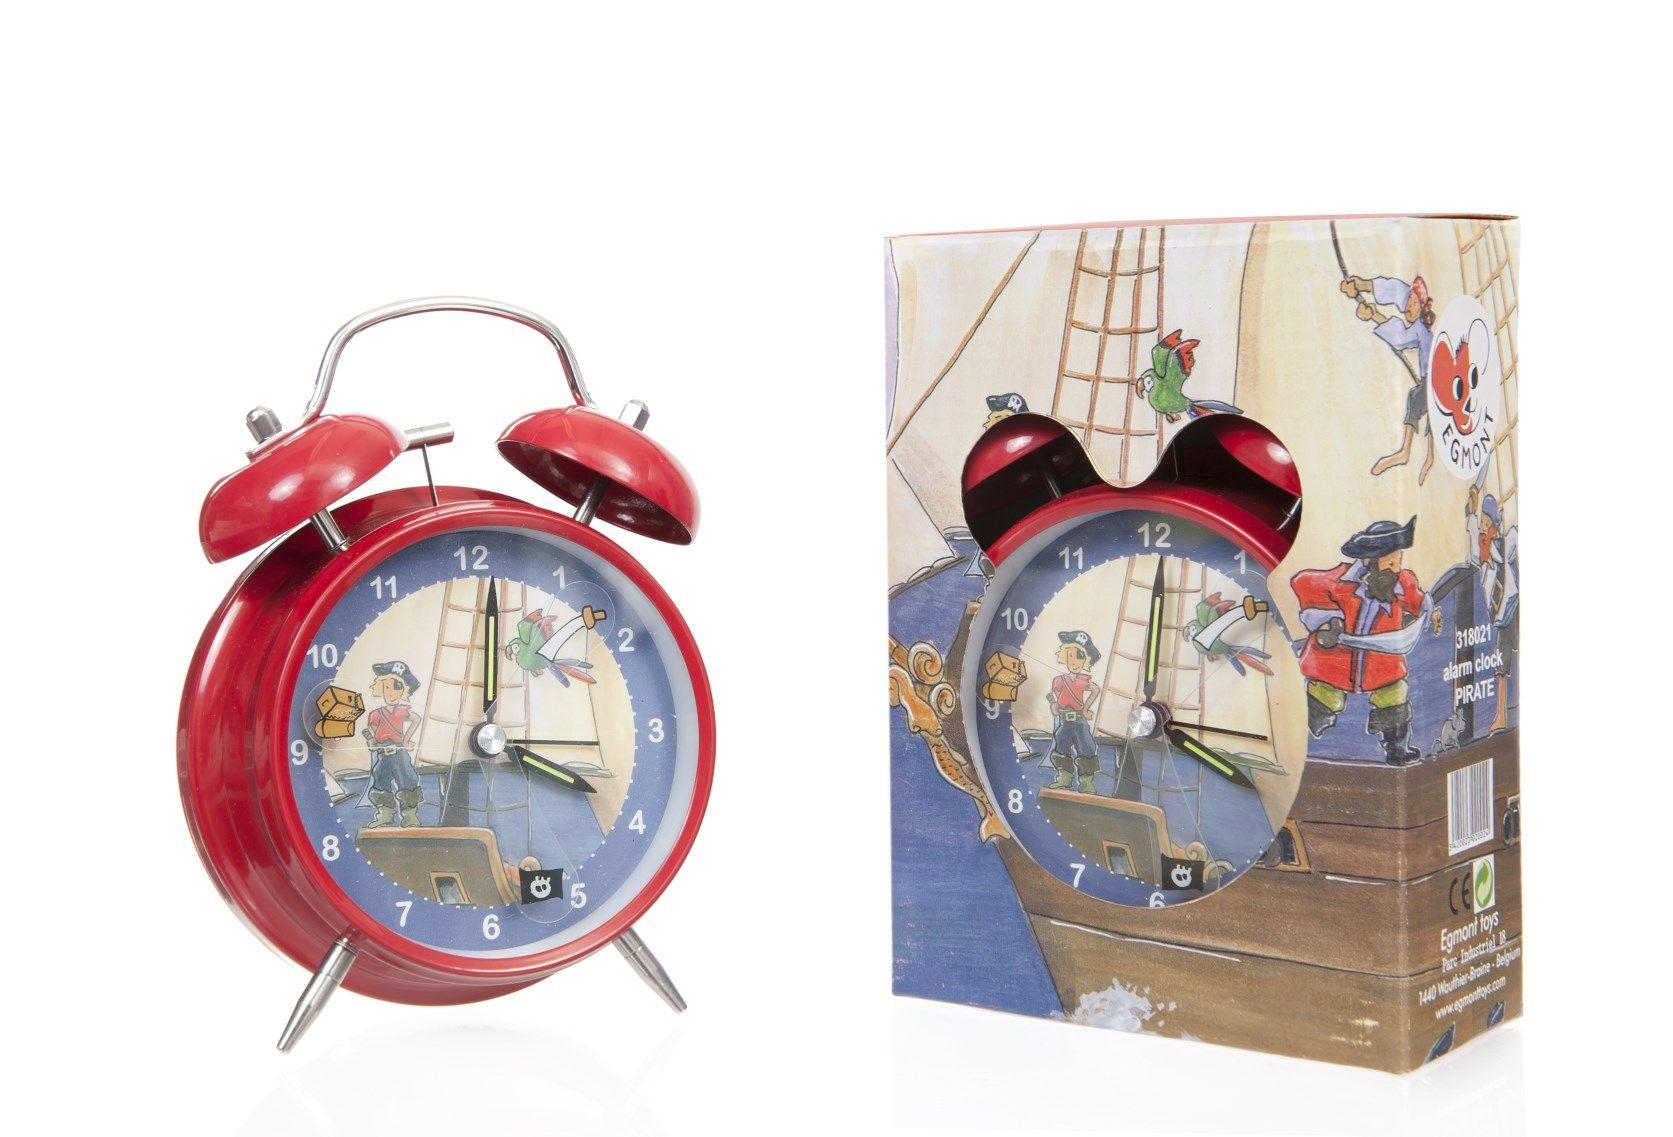 Kinderwekker Met Licht : Kinderwekker piraten bellenwekker van egmont toys voor stoere